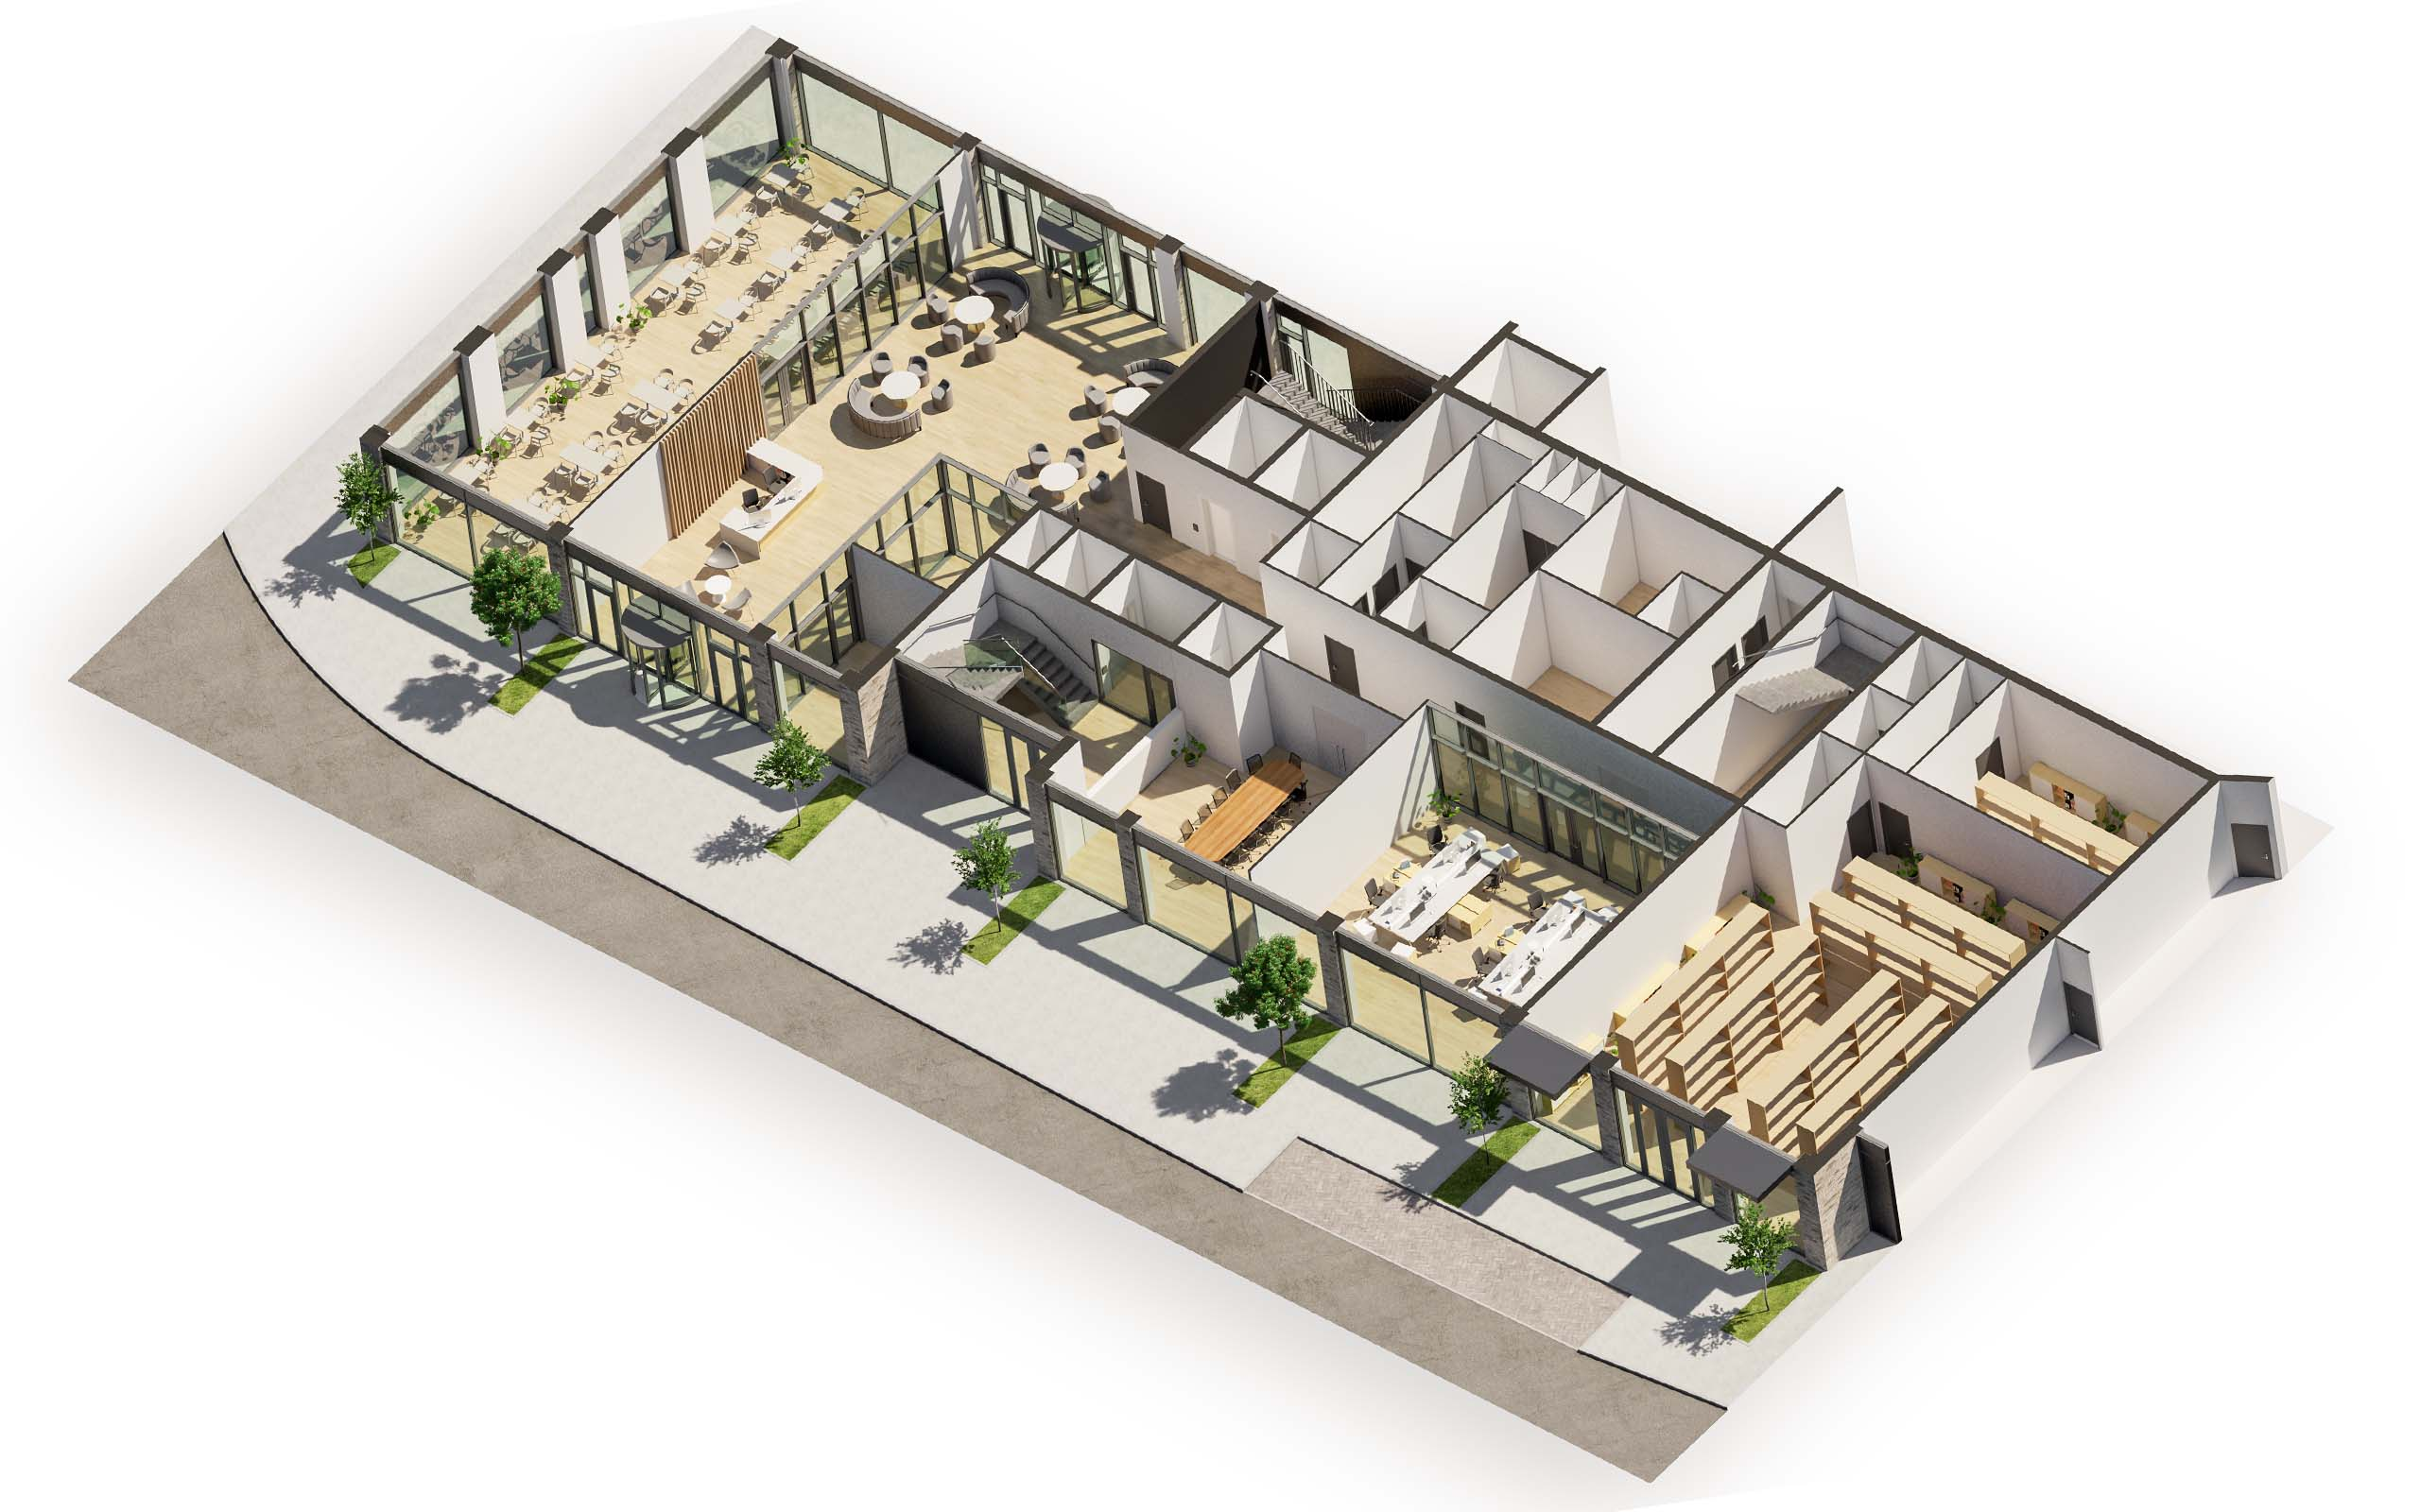 3D floor plan of a medical centre lobby